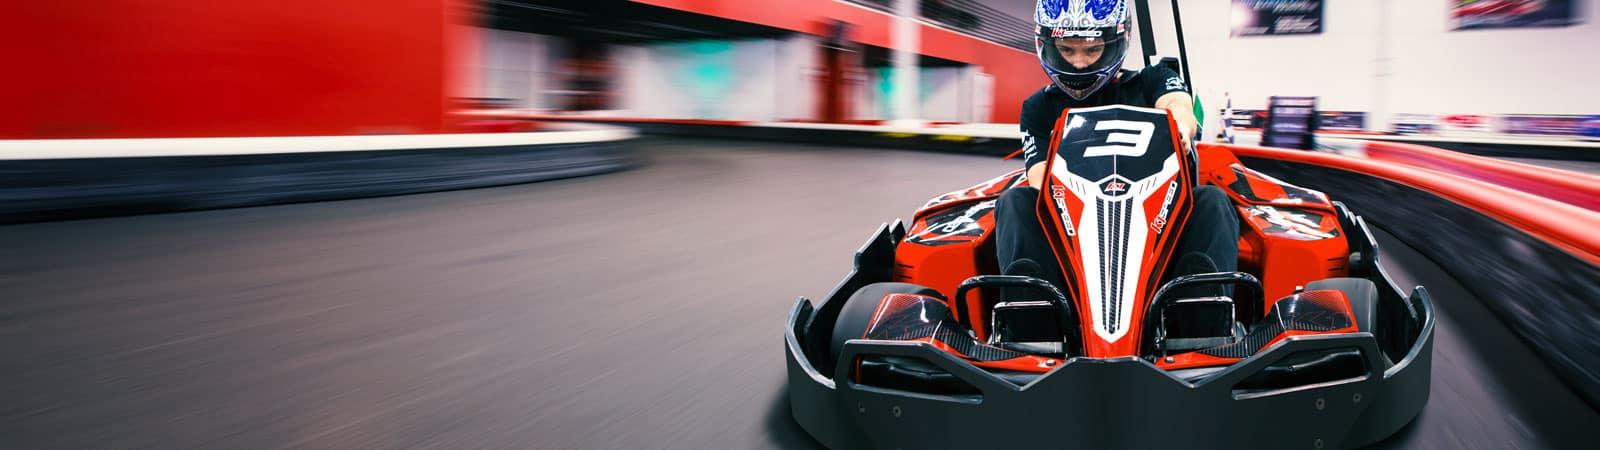 Indoor Karting Houston Pasadena Woodlands K1 Speed